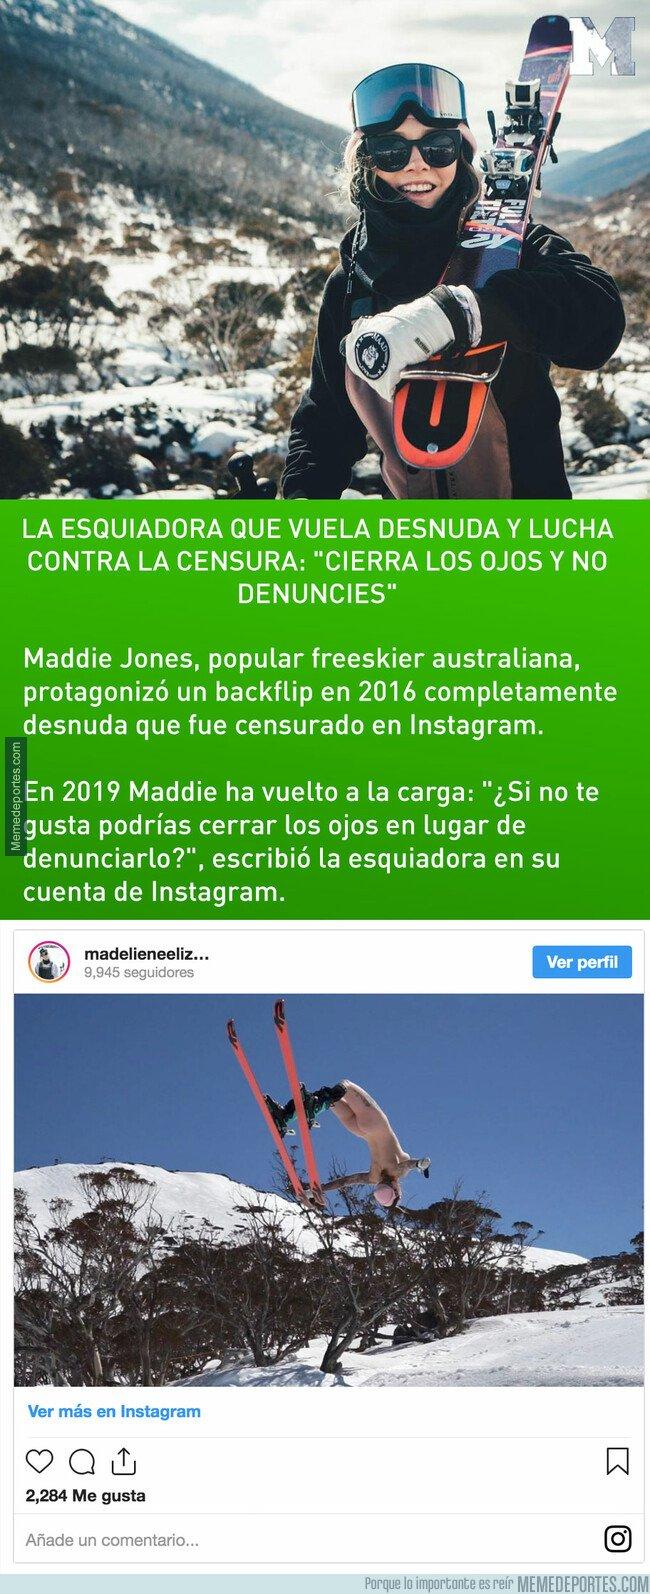 1072944 - La esquiadora que vuela desnuda y lucha contra la censura: